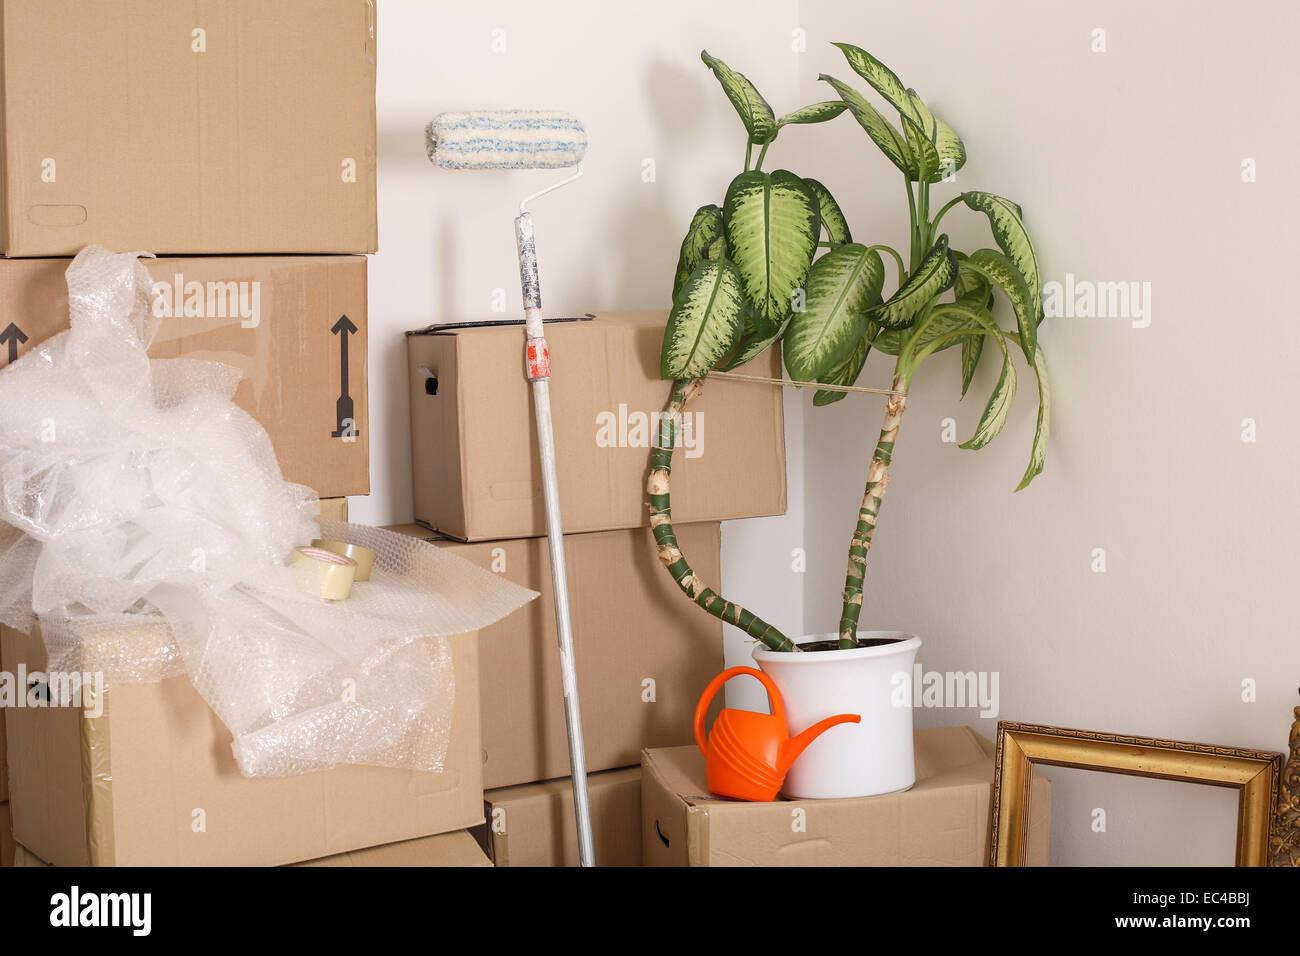 Verschieben von Kisten, Ewer, Haus Plant, Malerei Instrument ...